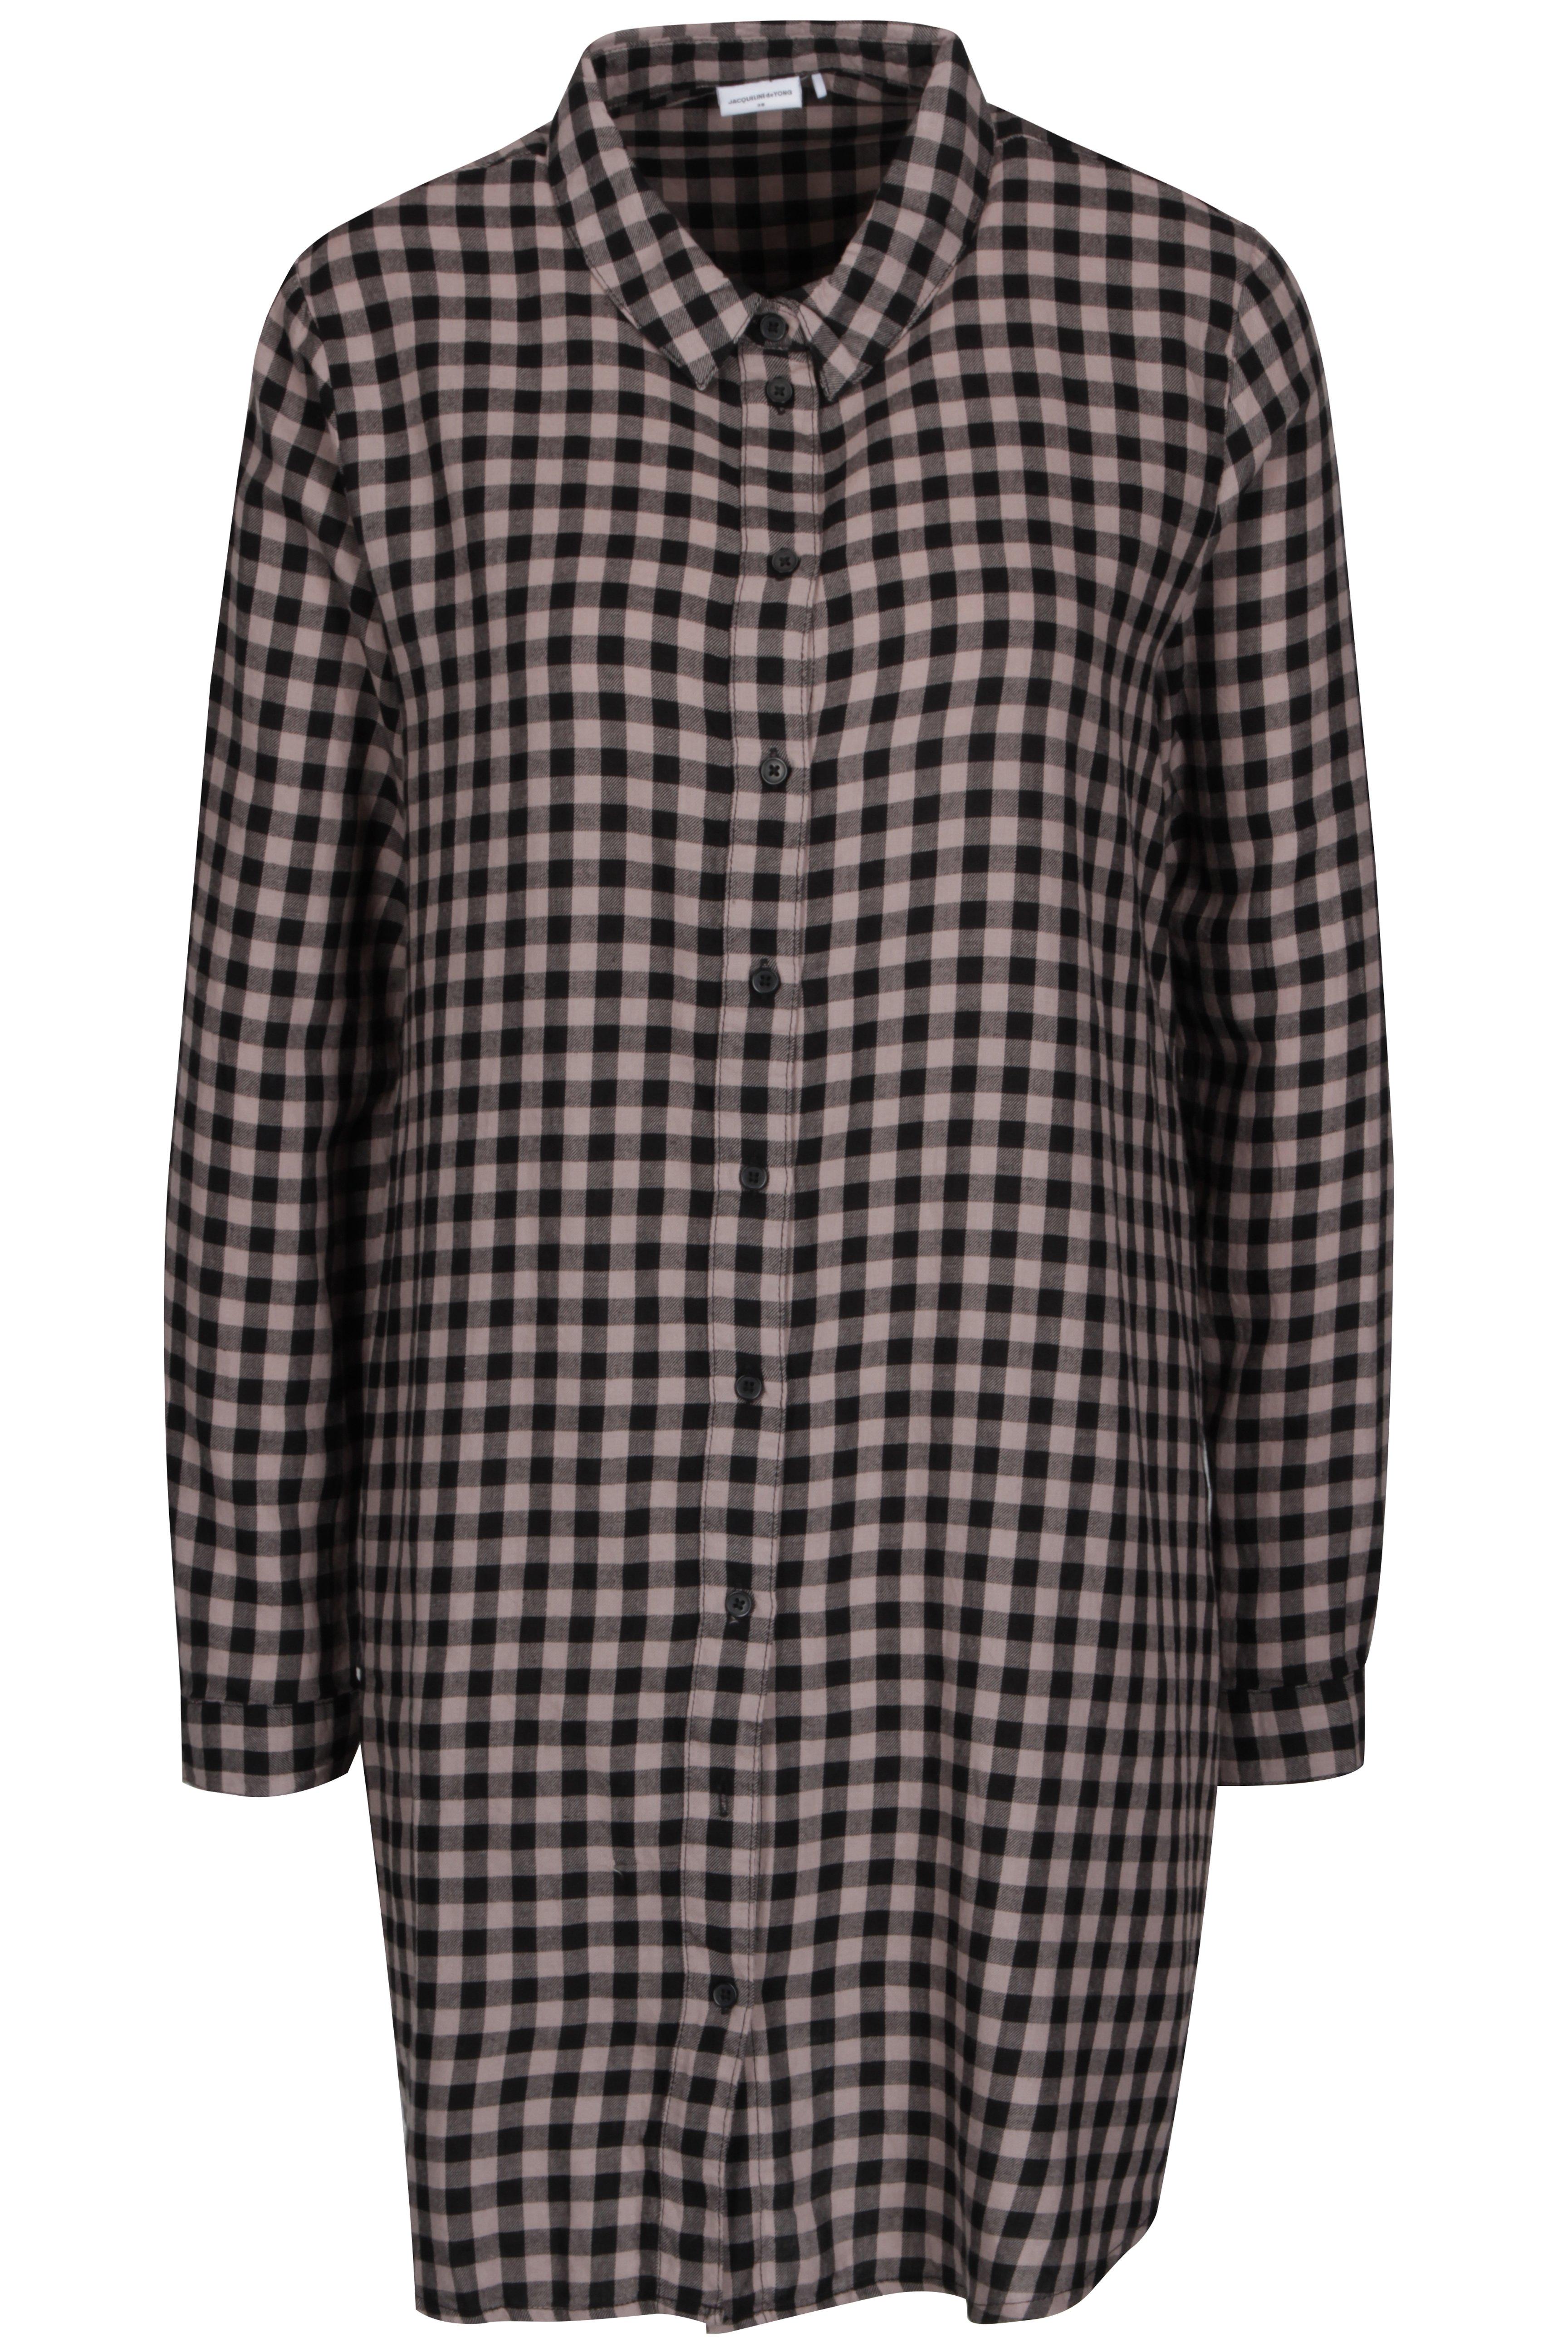 Růžovo-černé kostkované košilovéšaty Jacqueline de Yong Ally